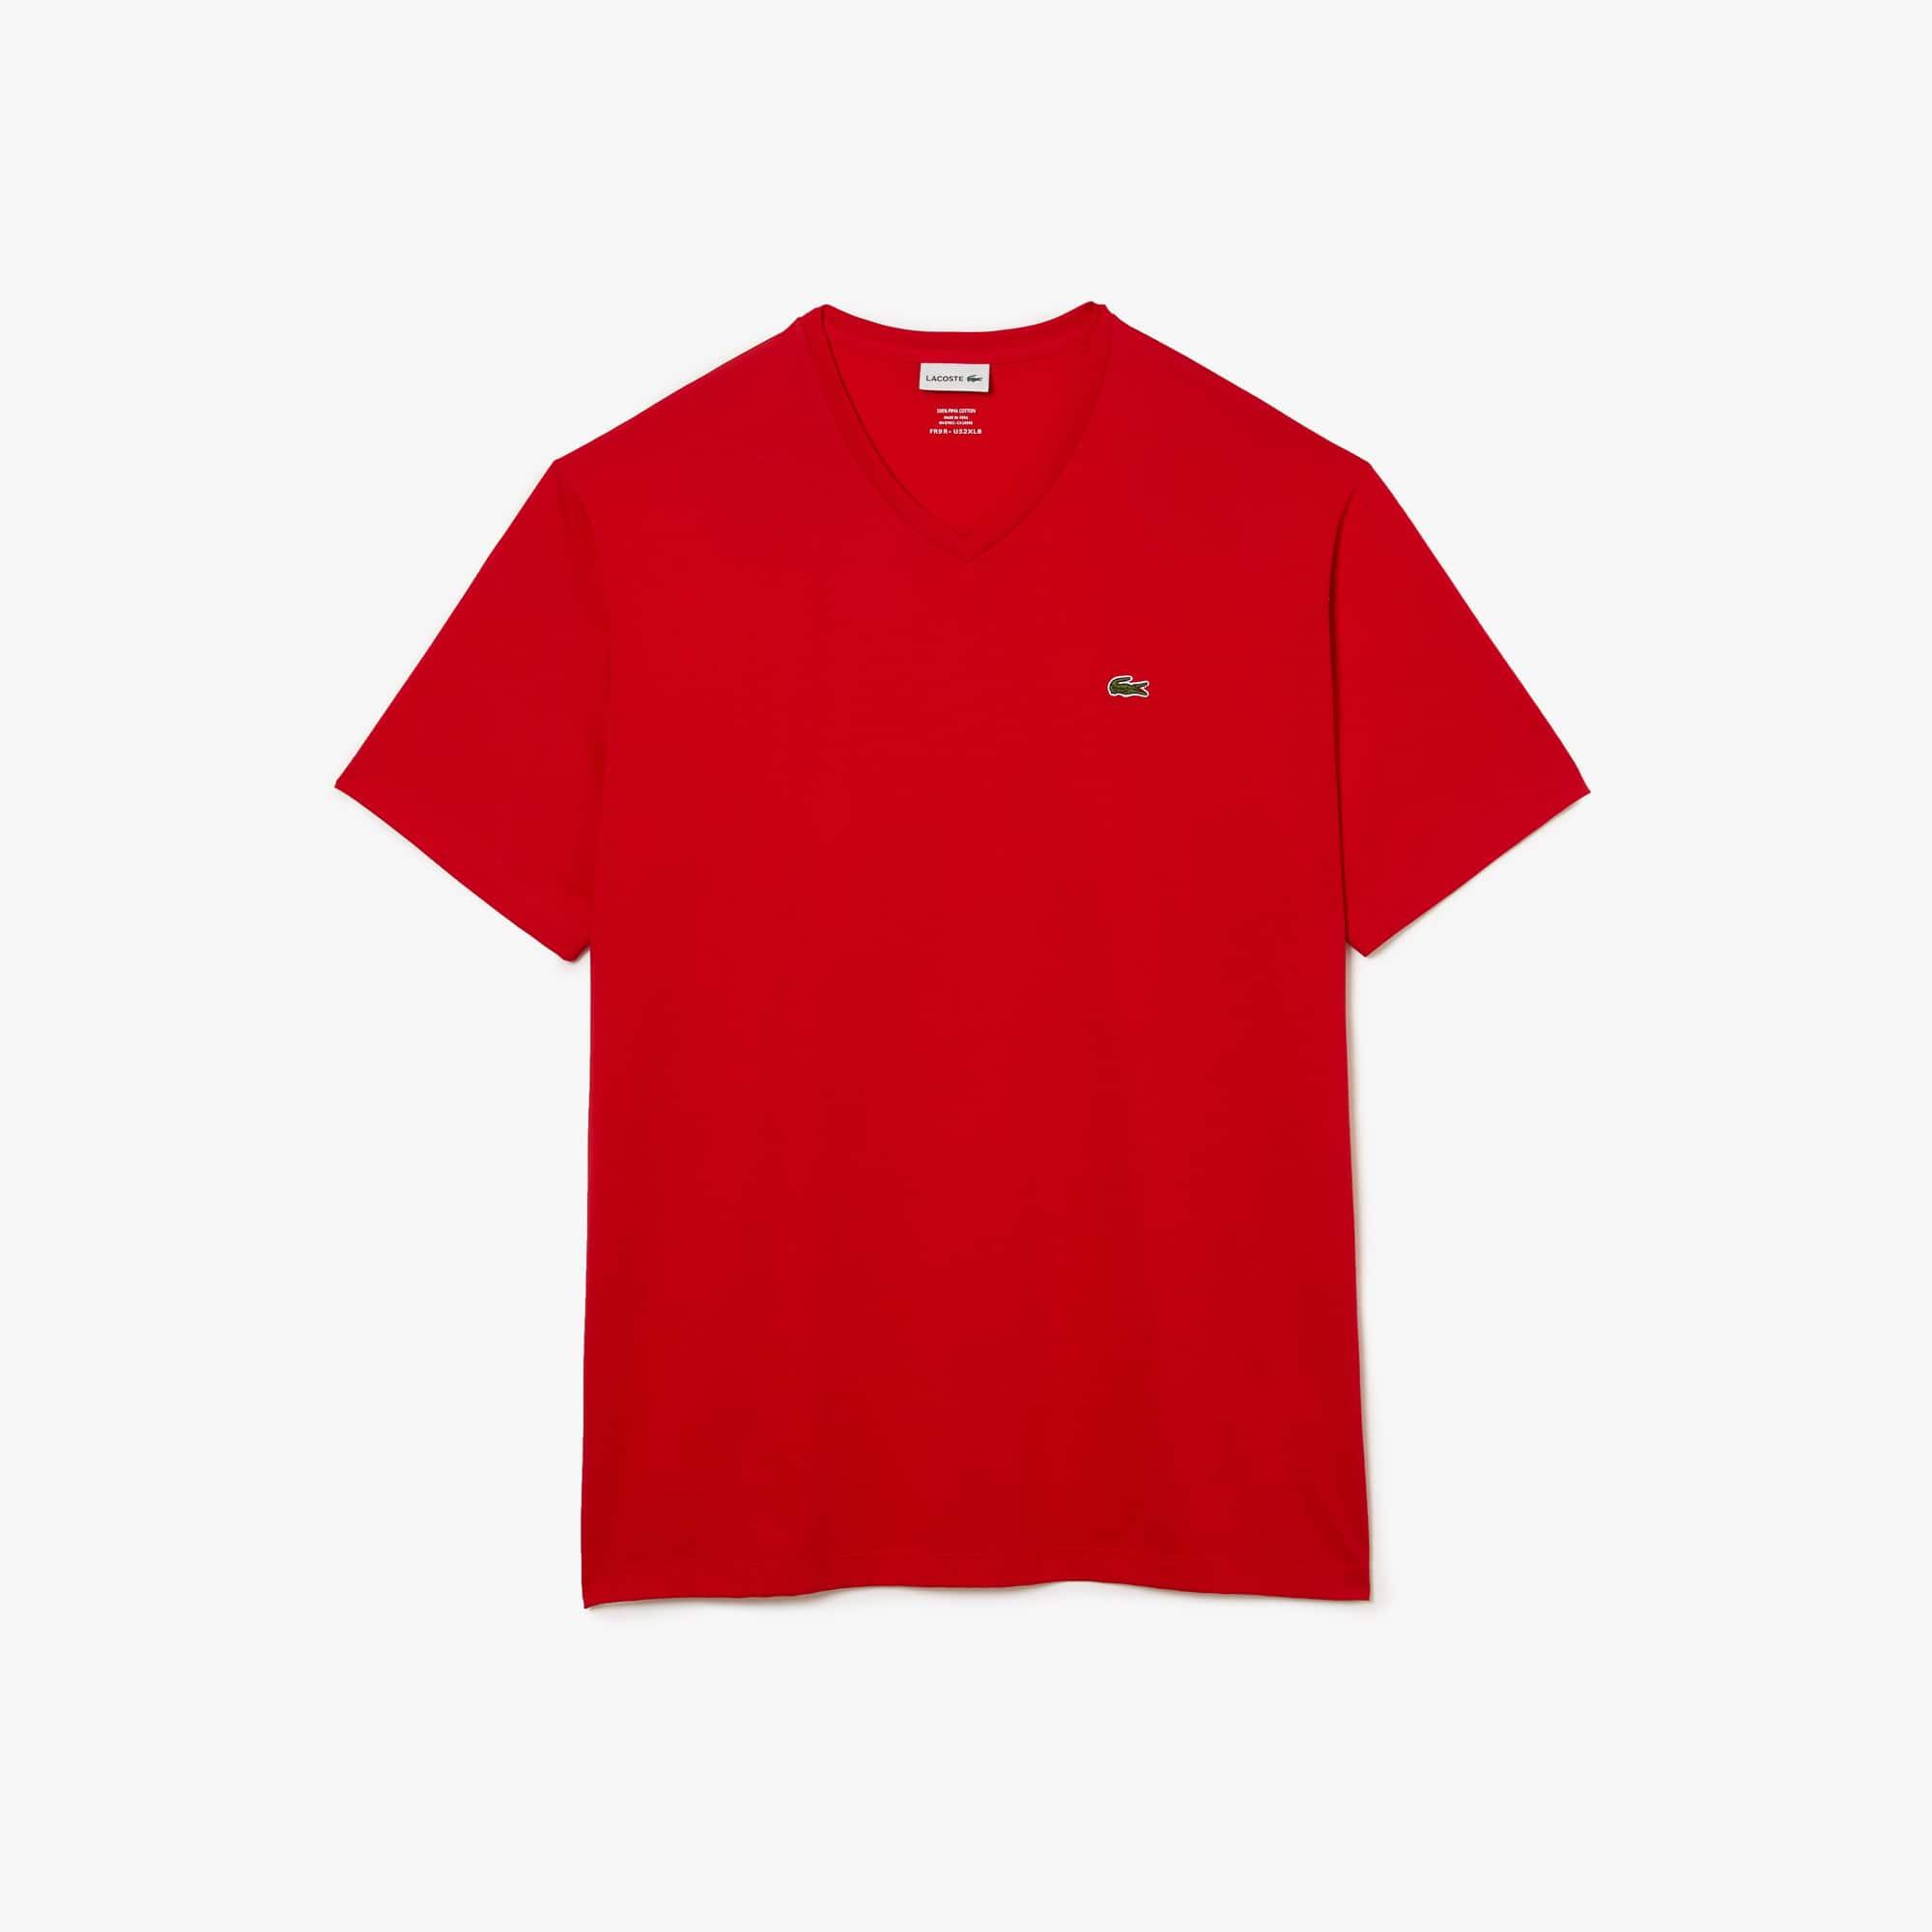 T-shirt de decote redondo em jersey pima